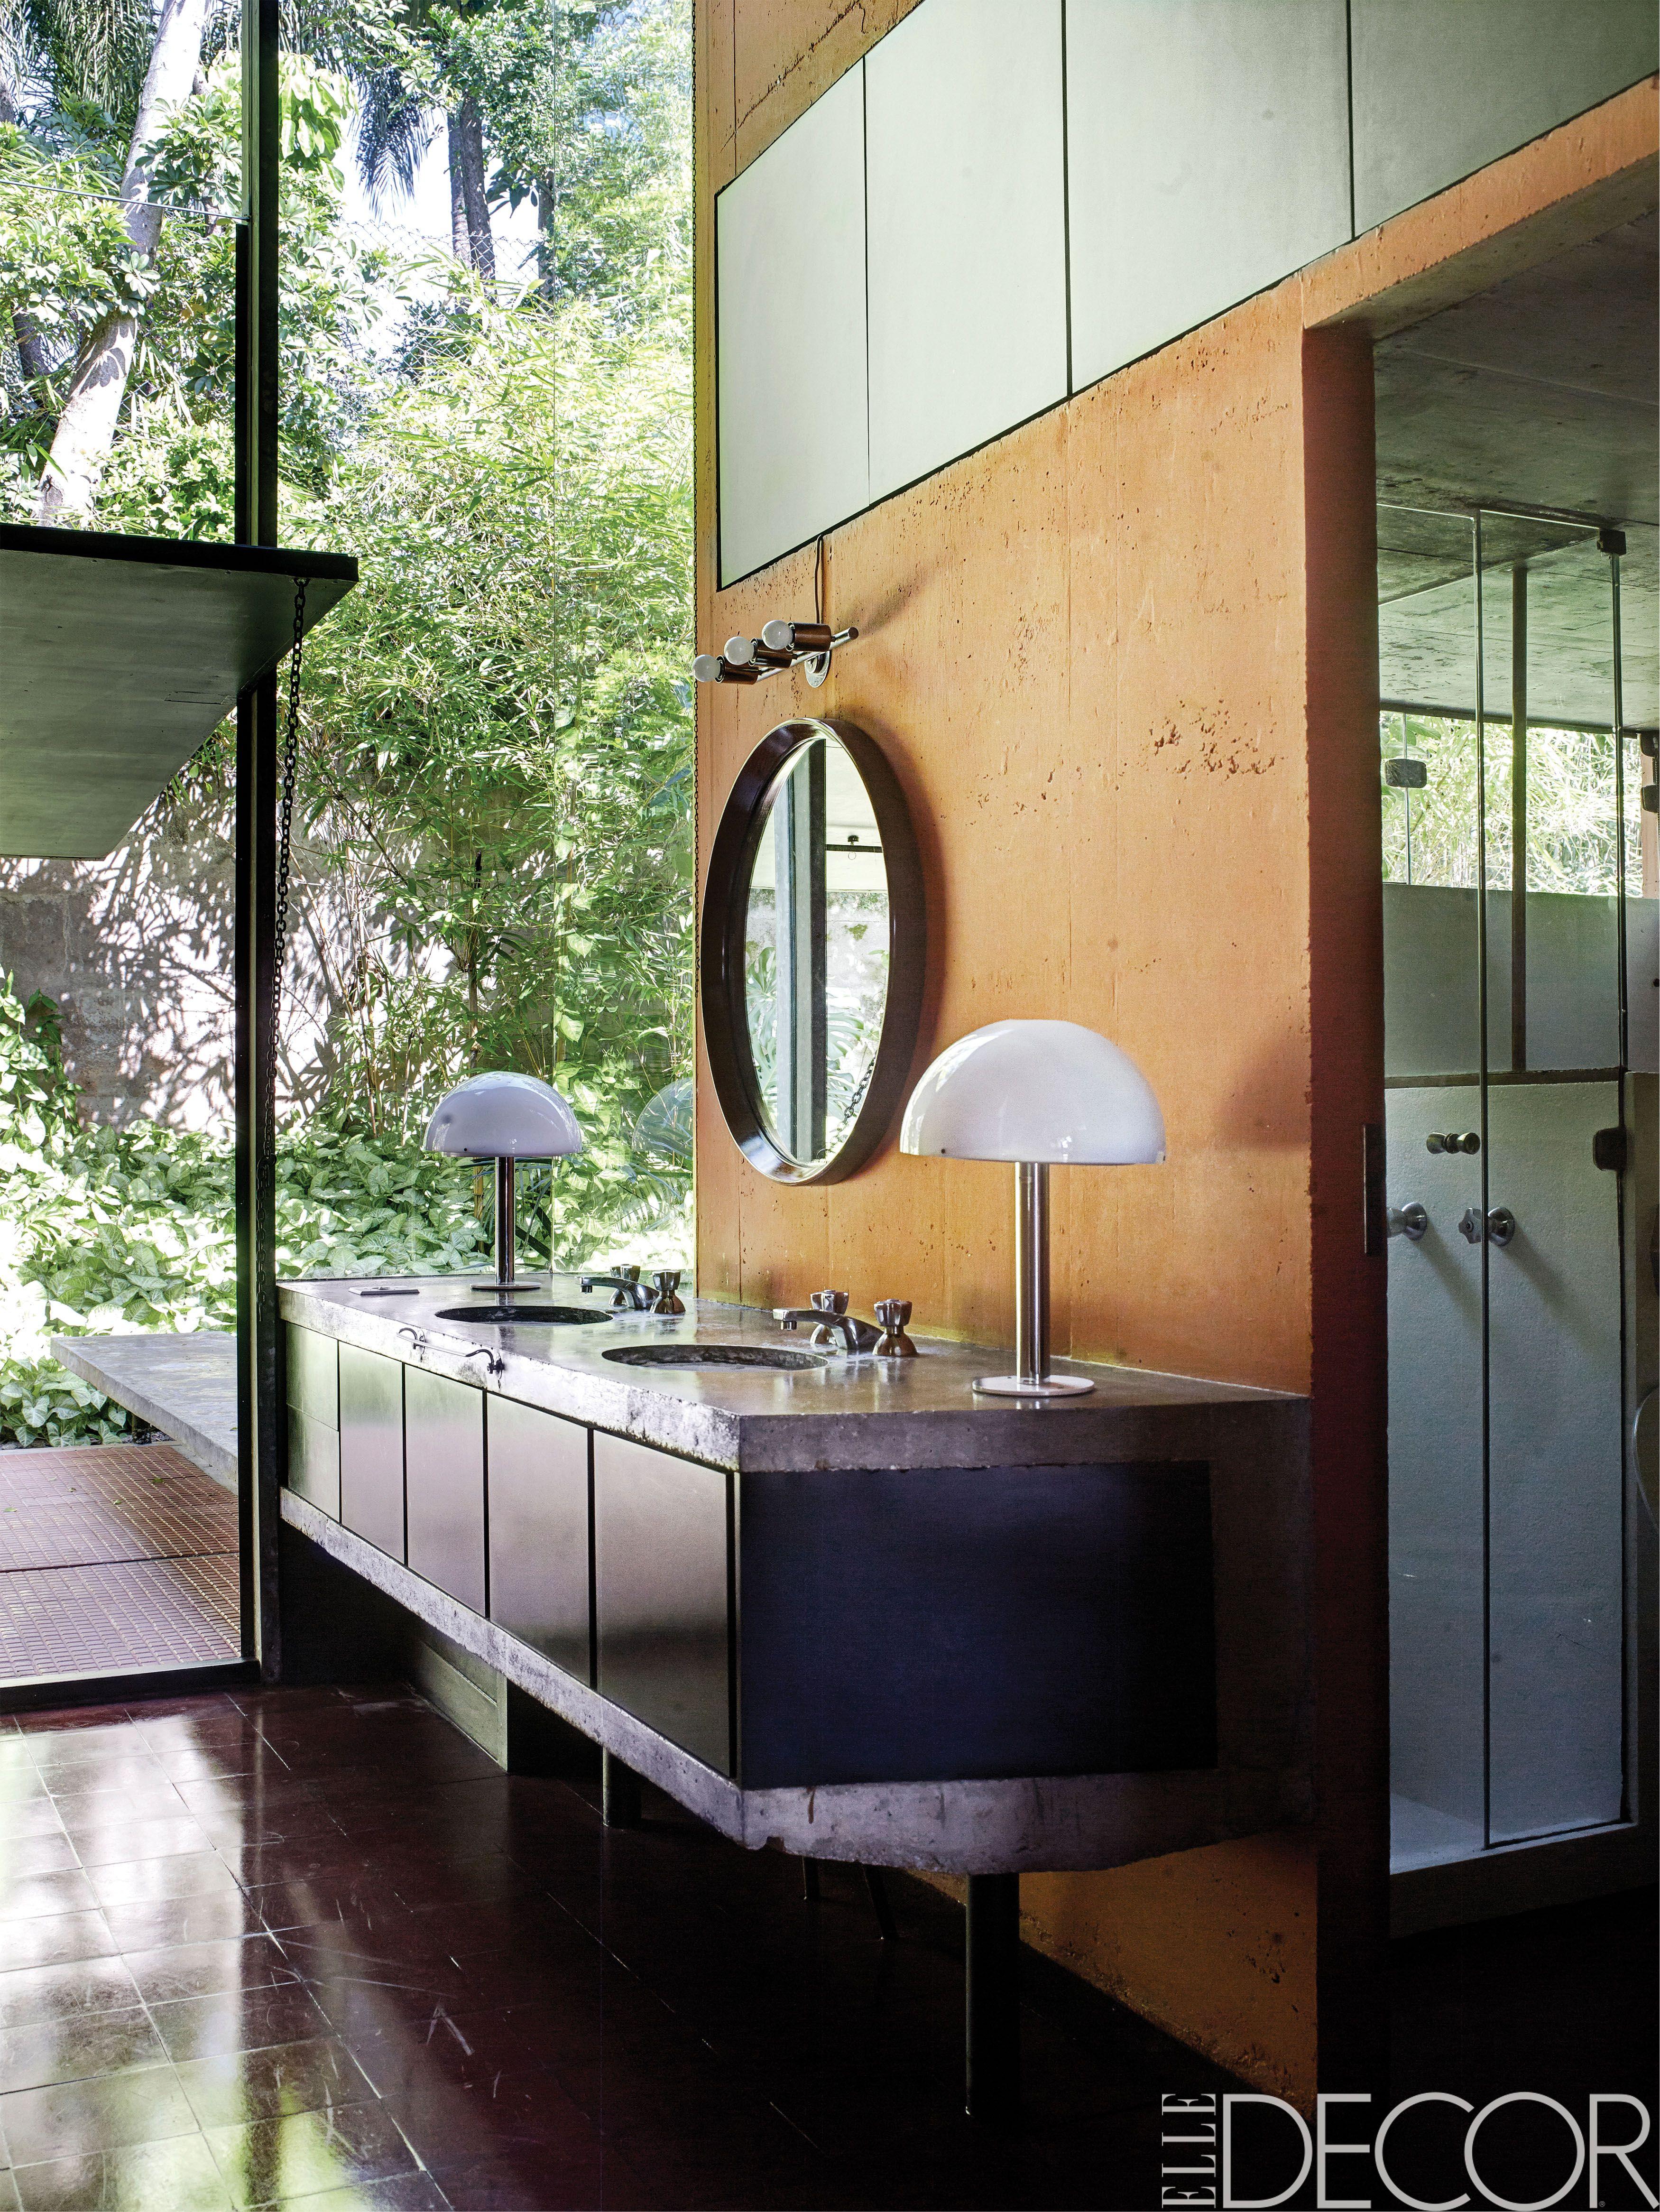 Bathroom Mirror Design Ideas 20 bathroom mirror design ideas - best bathroom vanity mirrors for